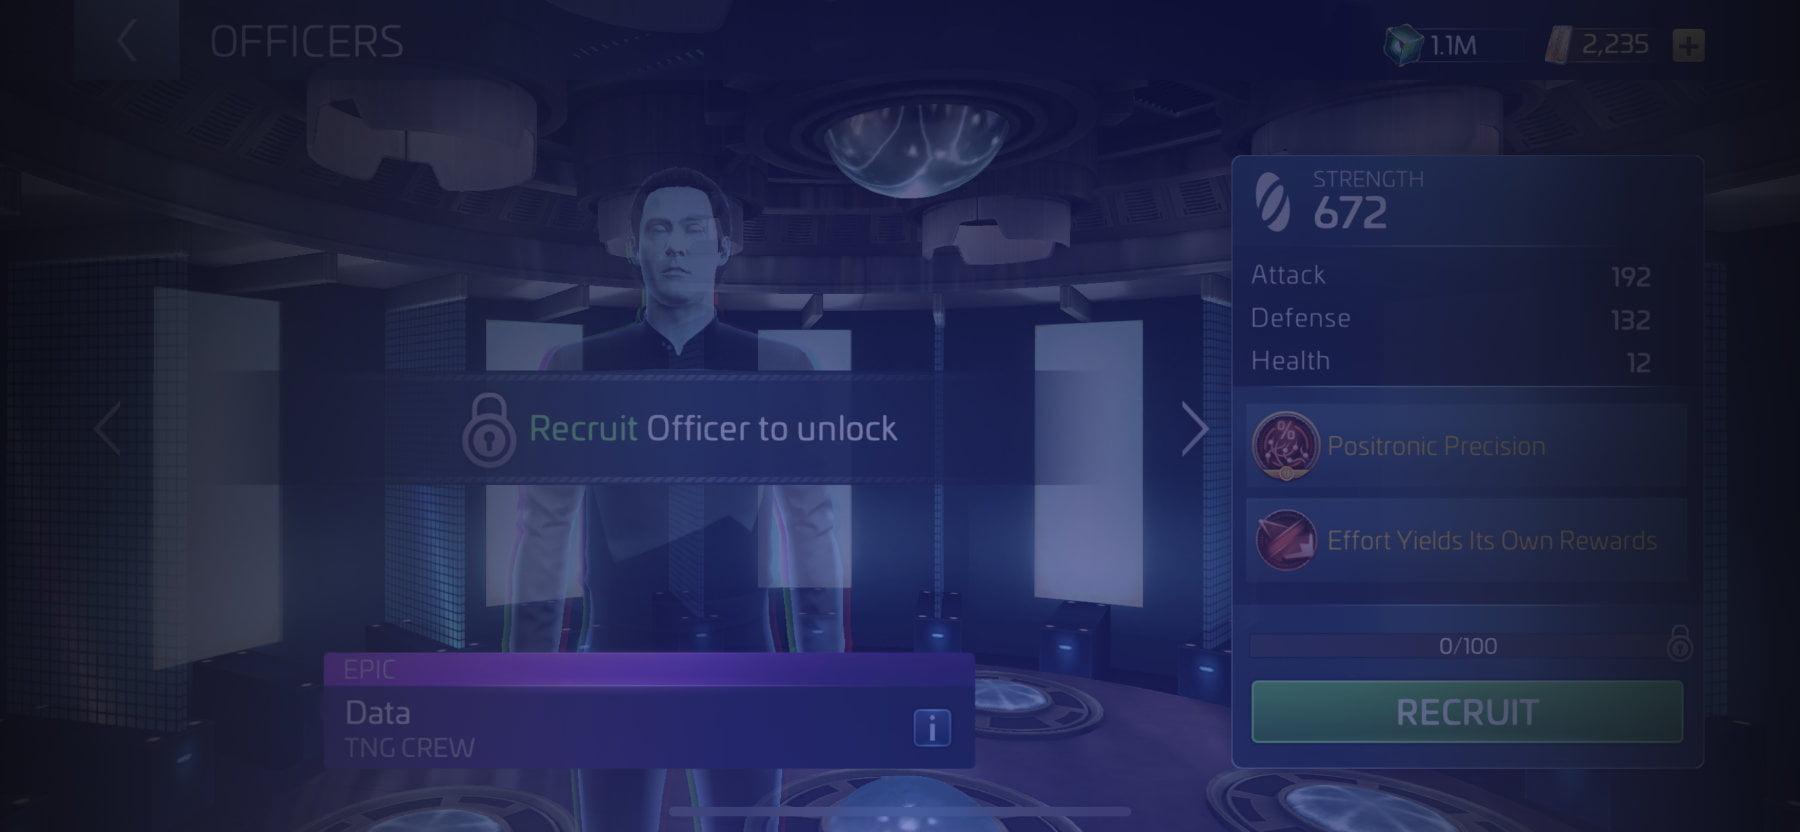 Officer Data